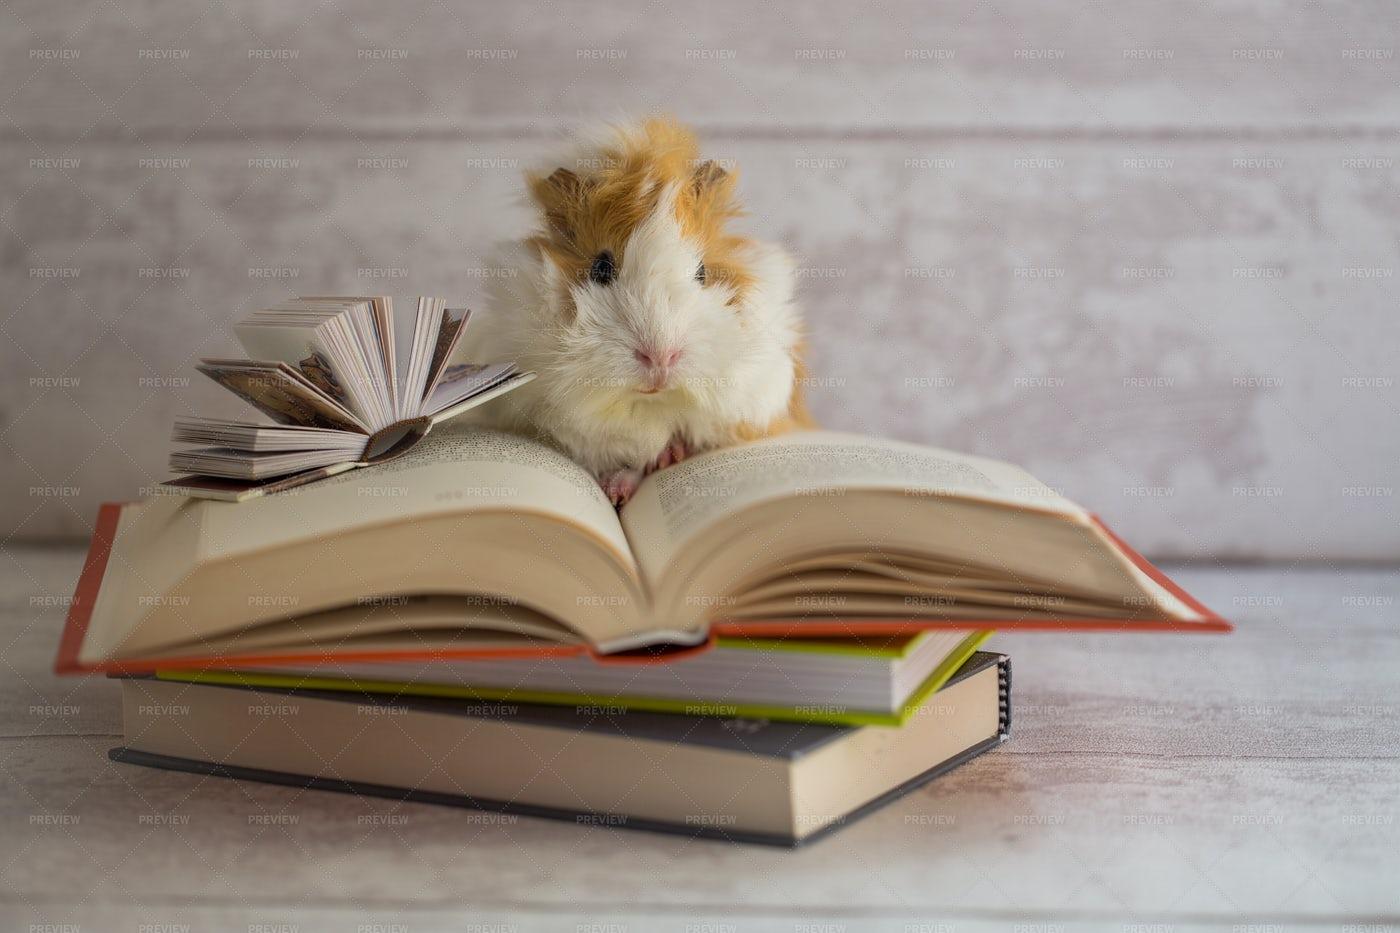 Guinea Pig On Open Book: Stock Photos